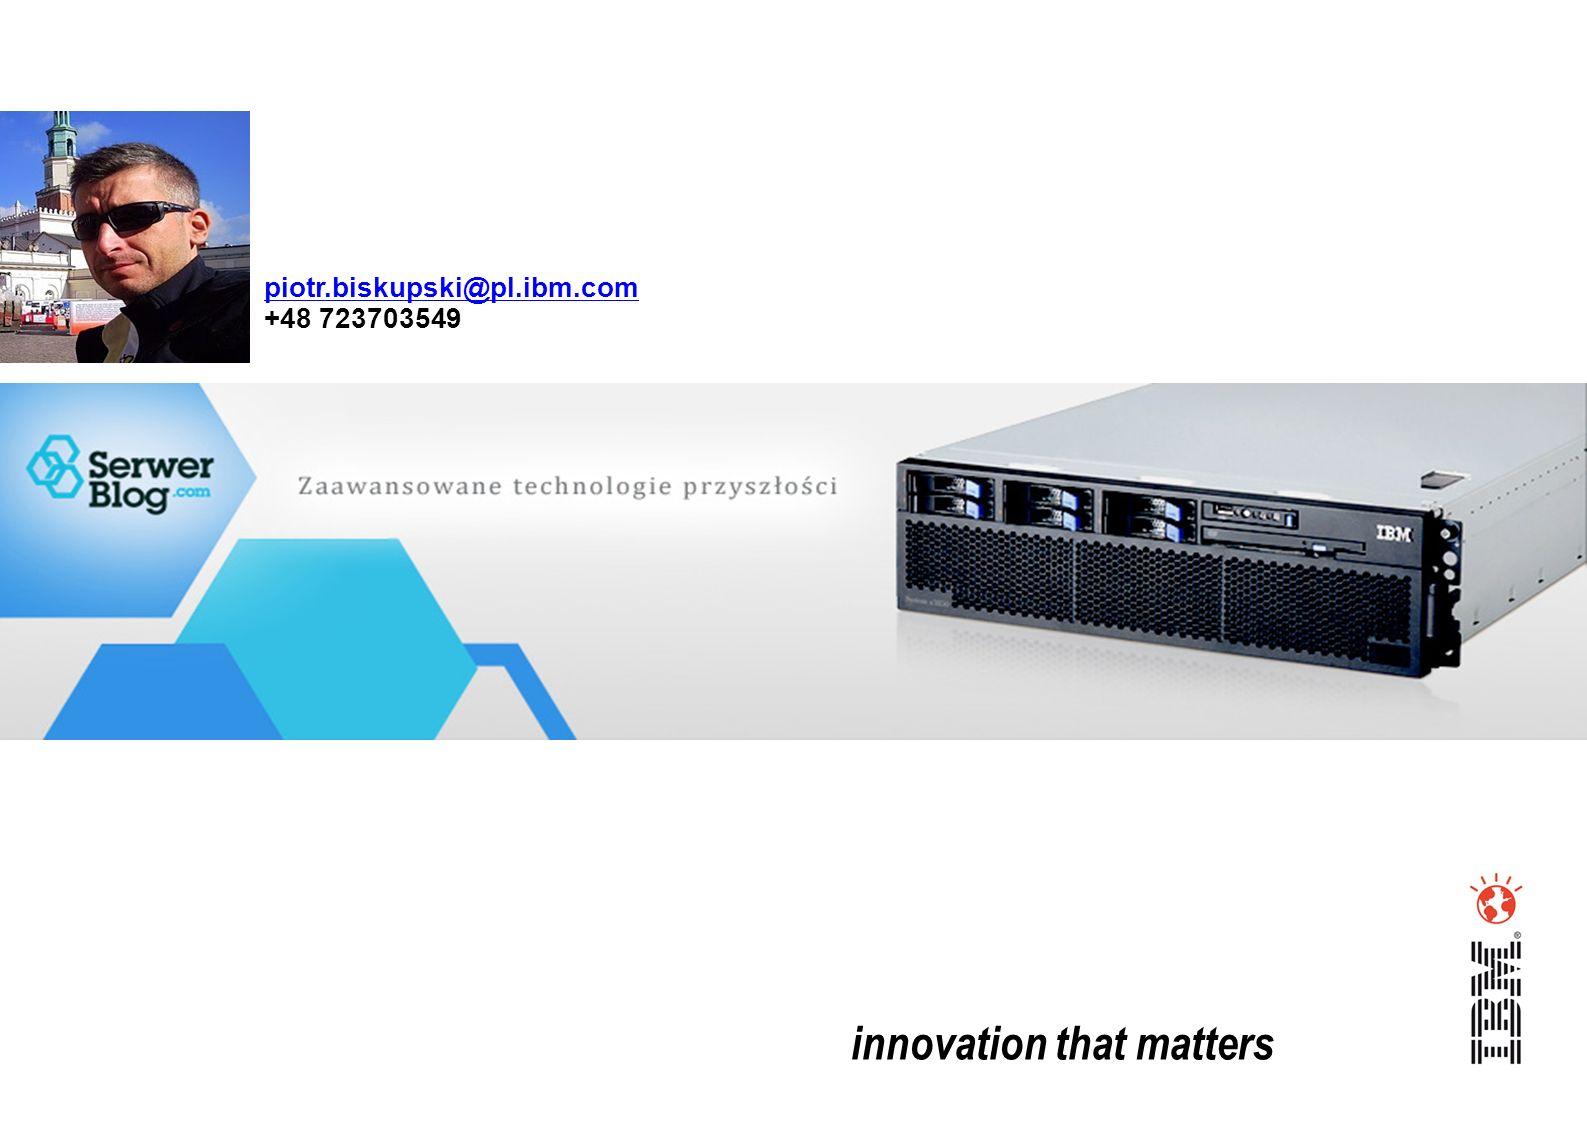 innovation that matters piotr.biskupski@pl.ibm.com +48 723703549